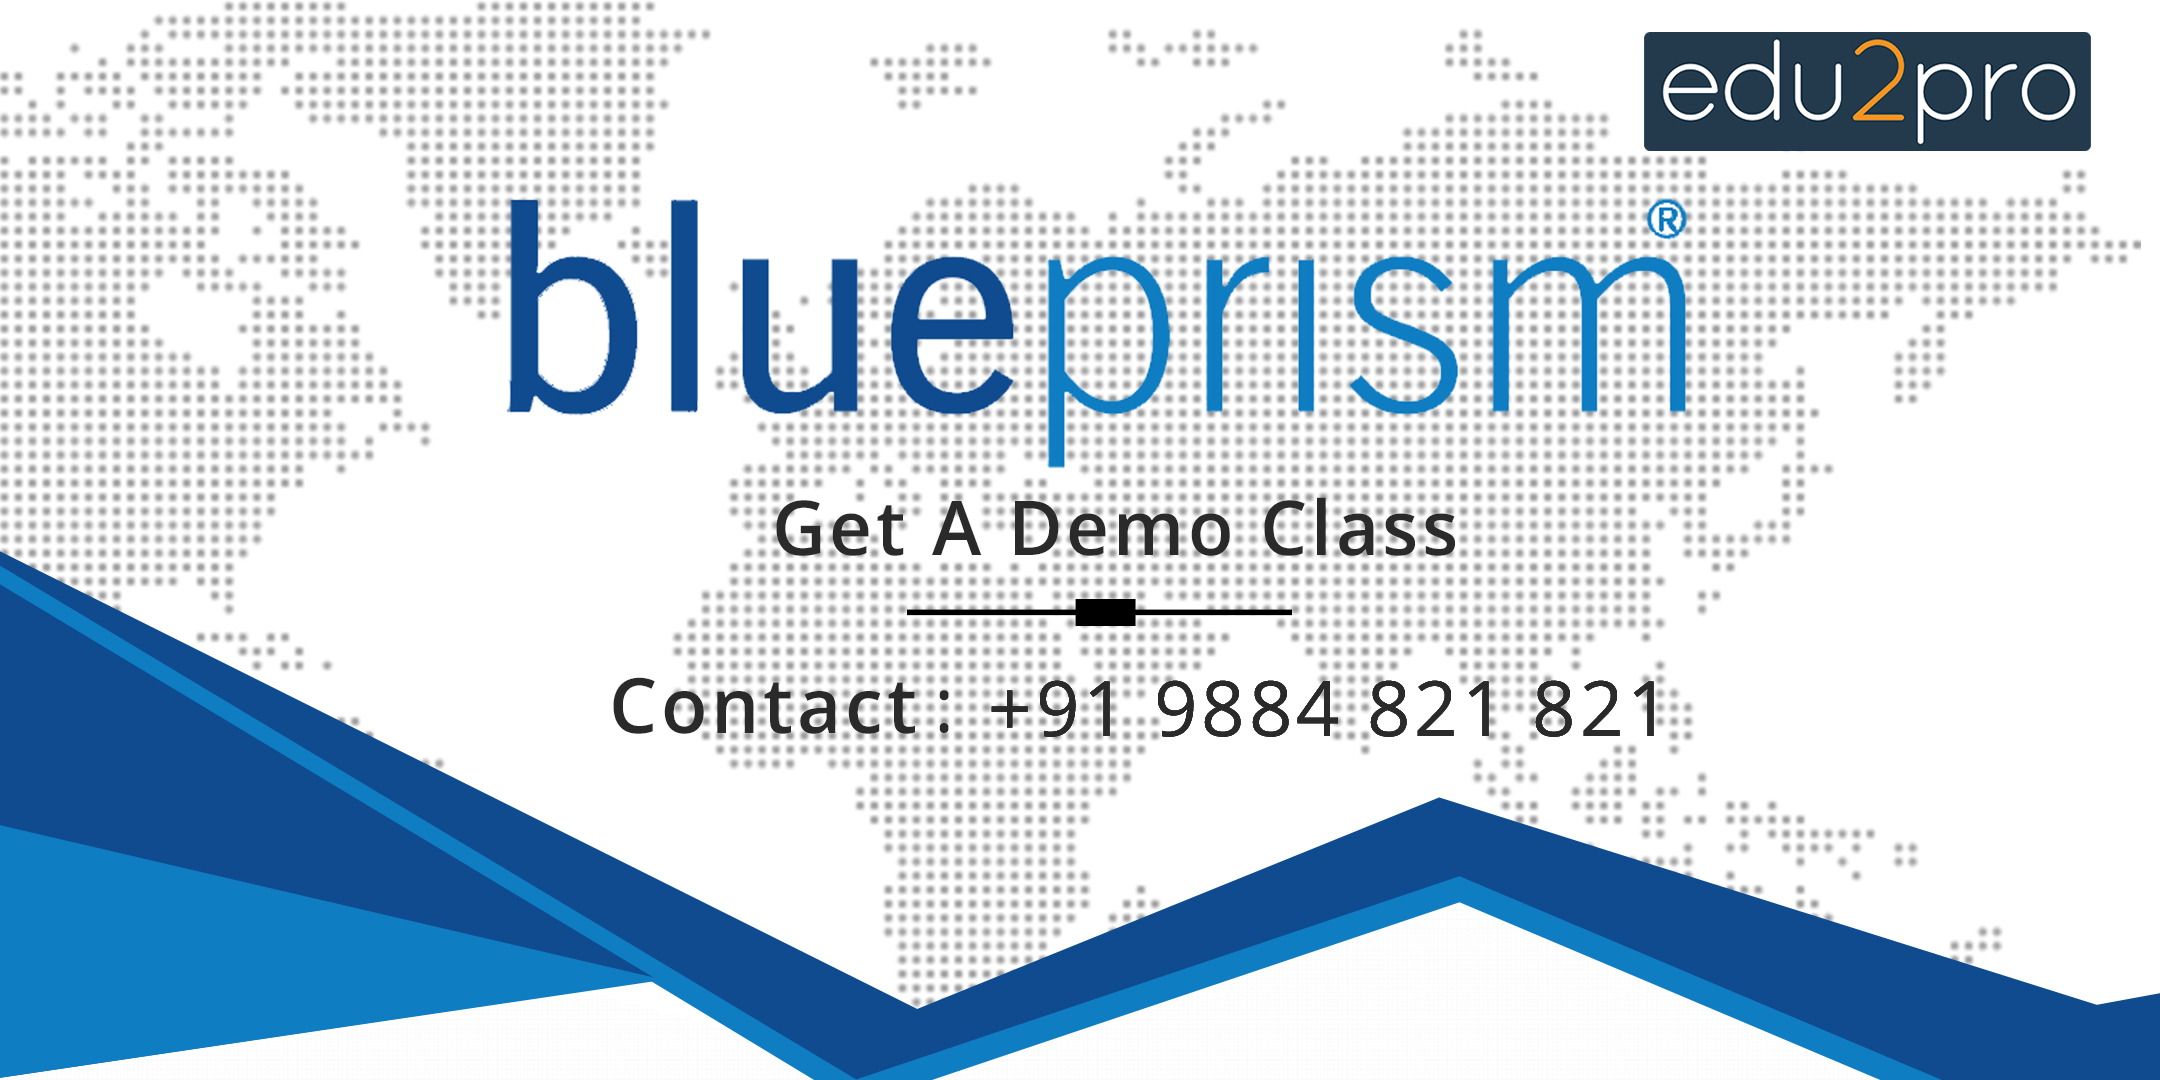 Robotic Process Automation - Blue  Prism